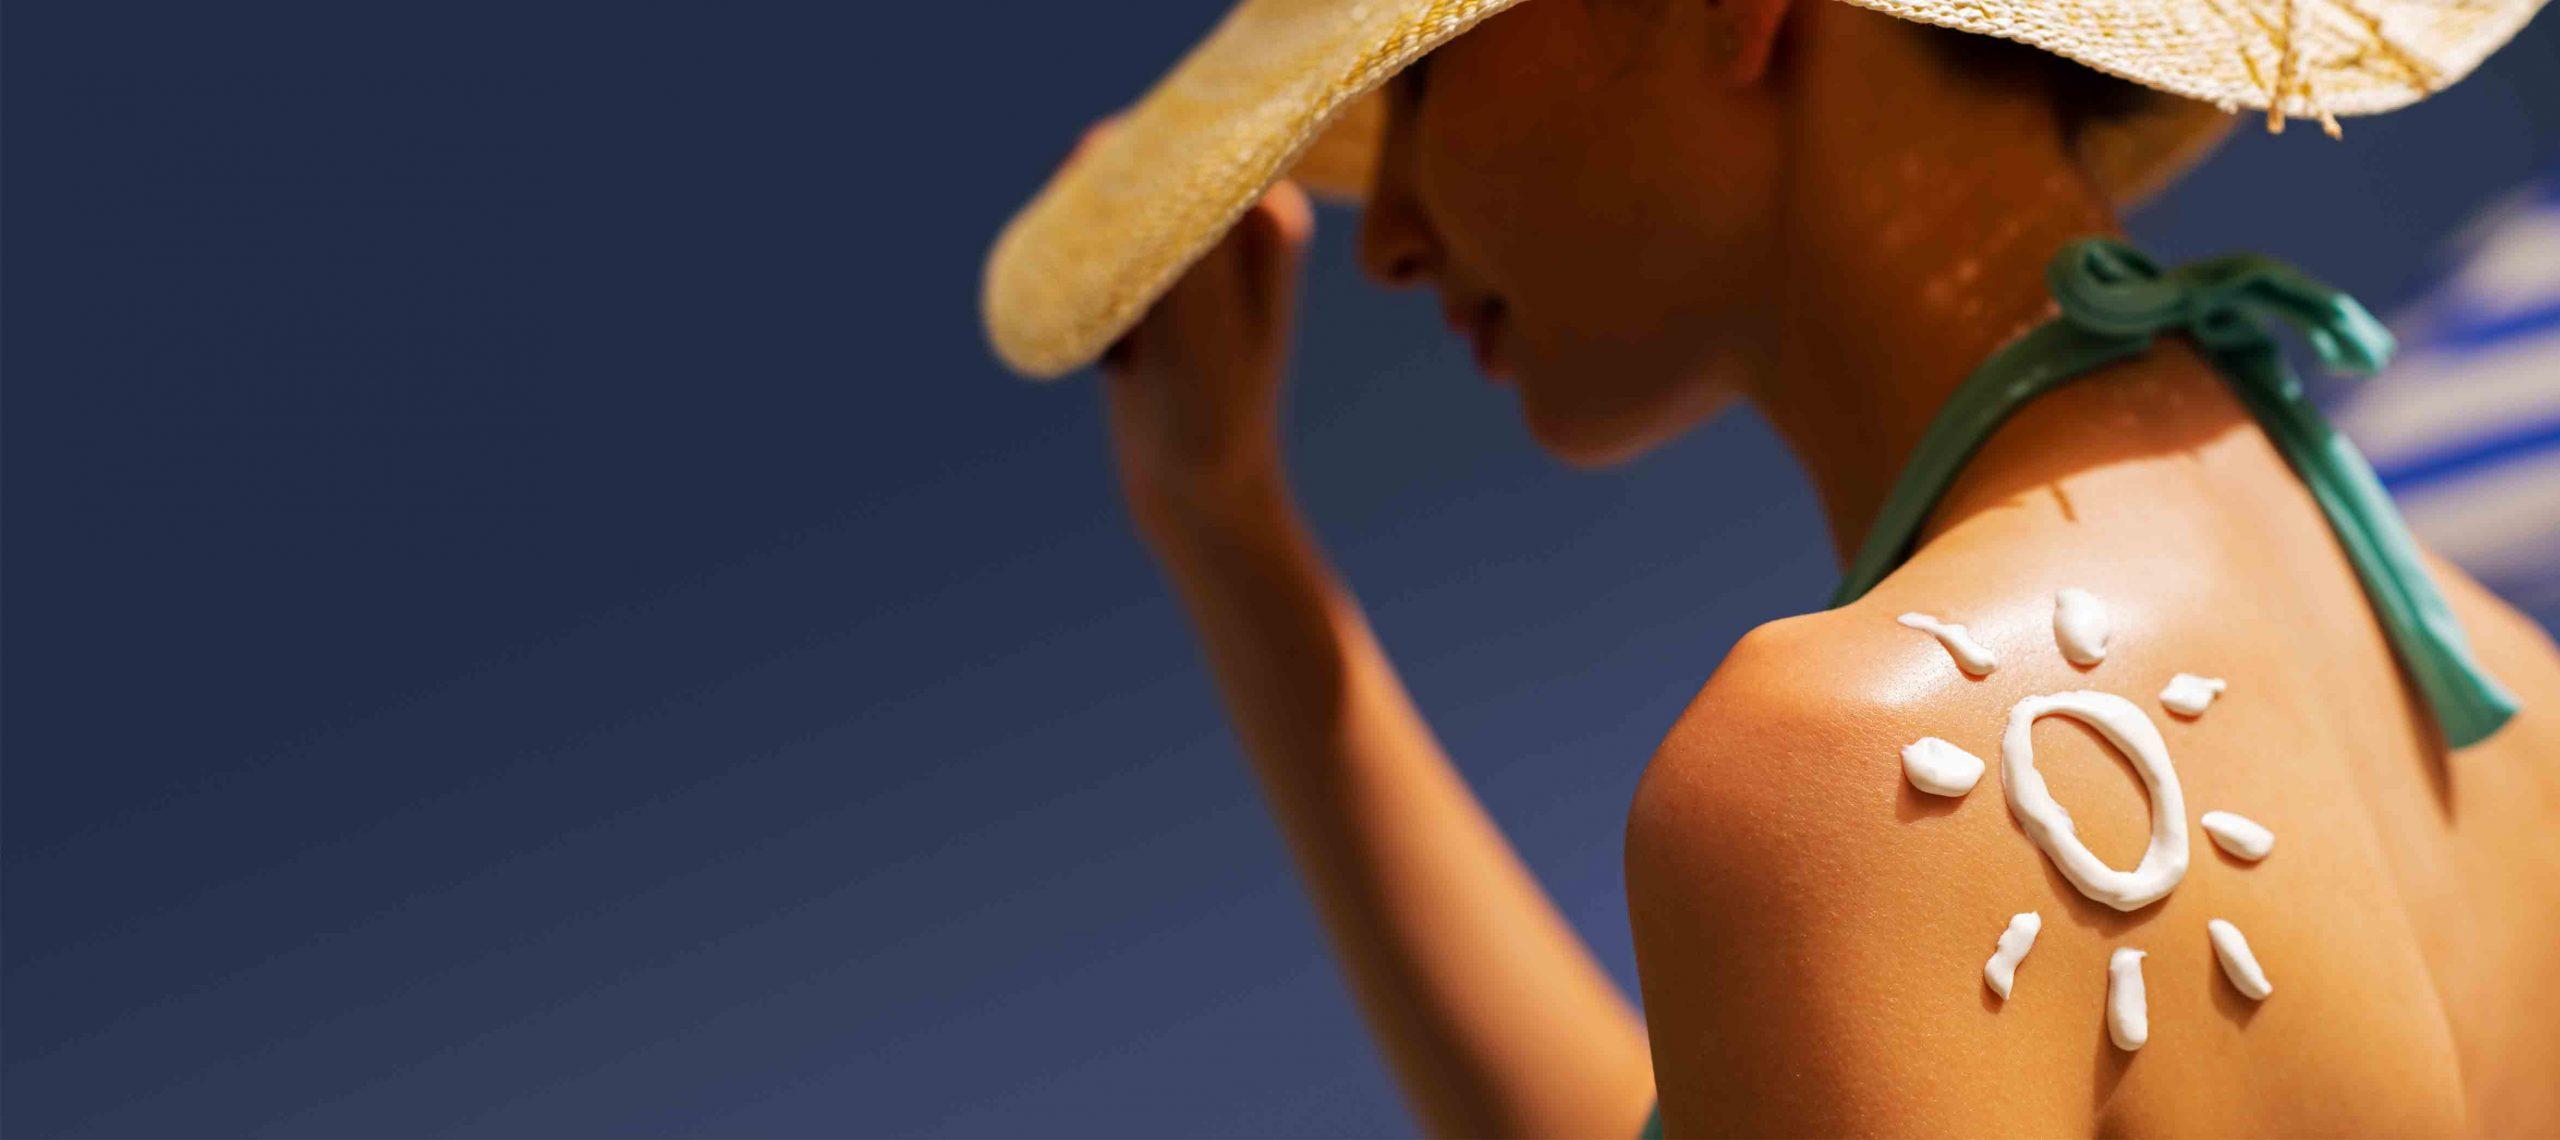 Avoid exposure to the sun